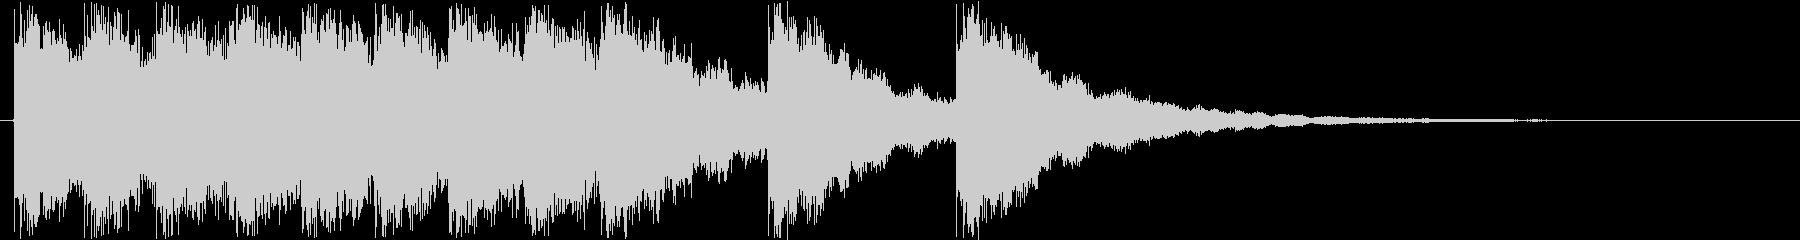 キンコンカンコンの未再生の波形